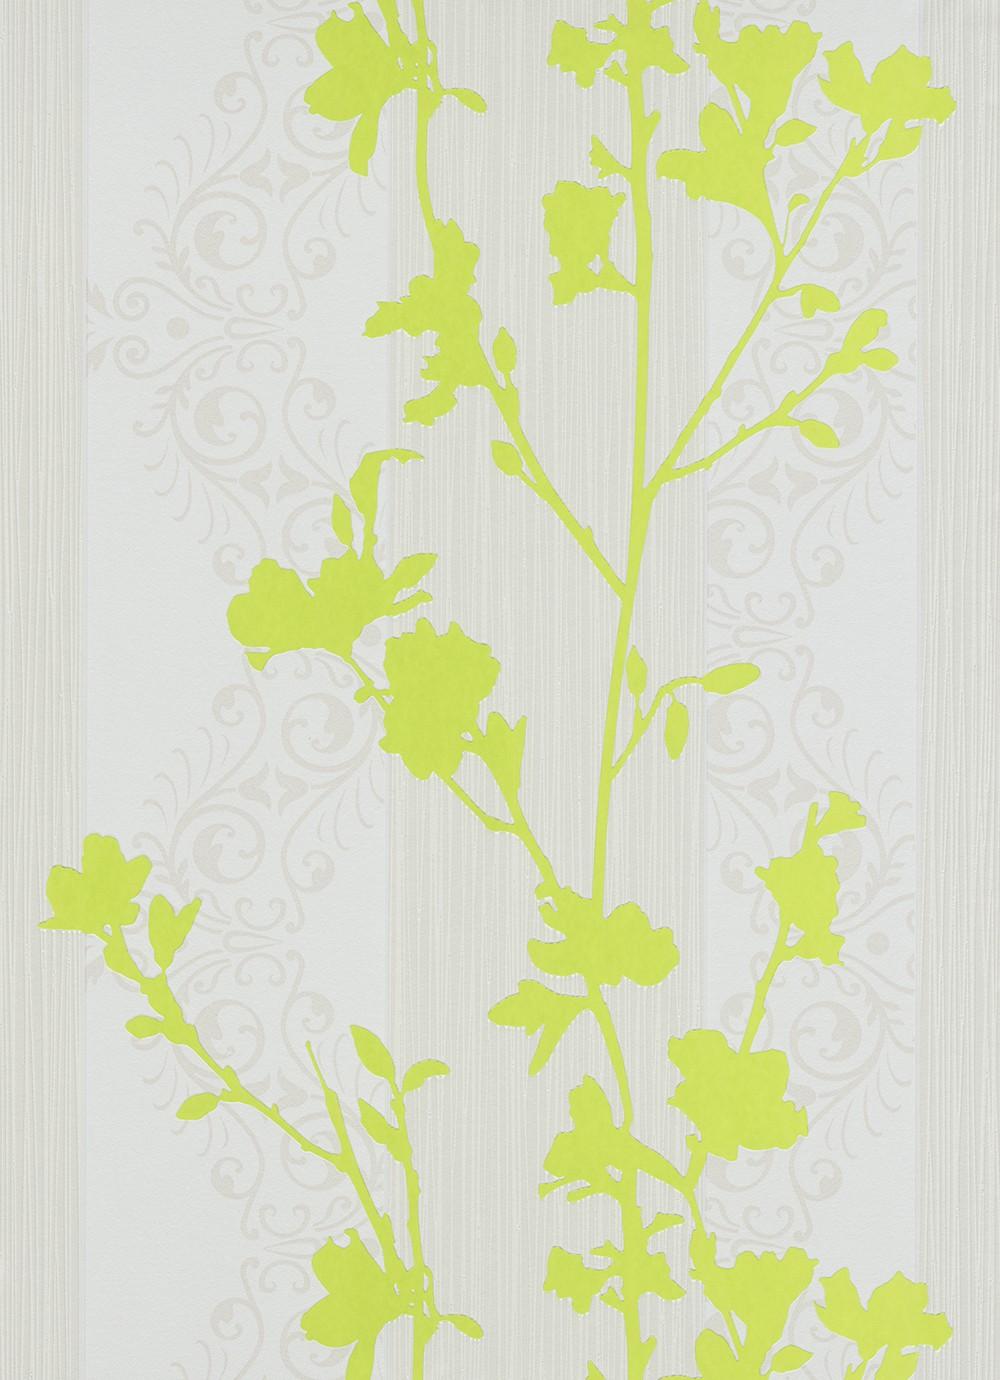 wohnzimmer grün weiß:wohnzimmer creme grün : Vliestapete Ranken grün weiß creme Tapeten